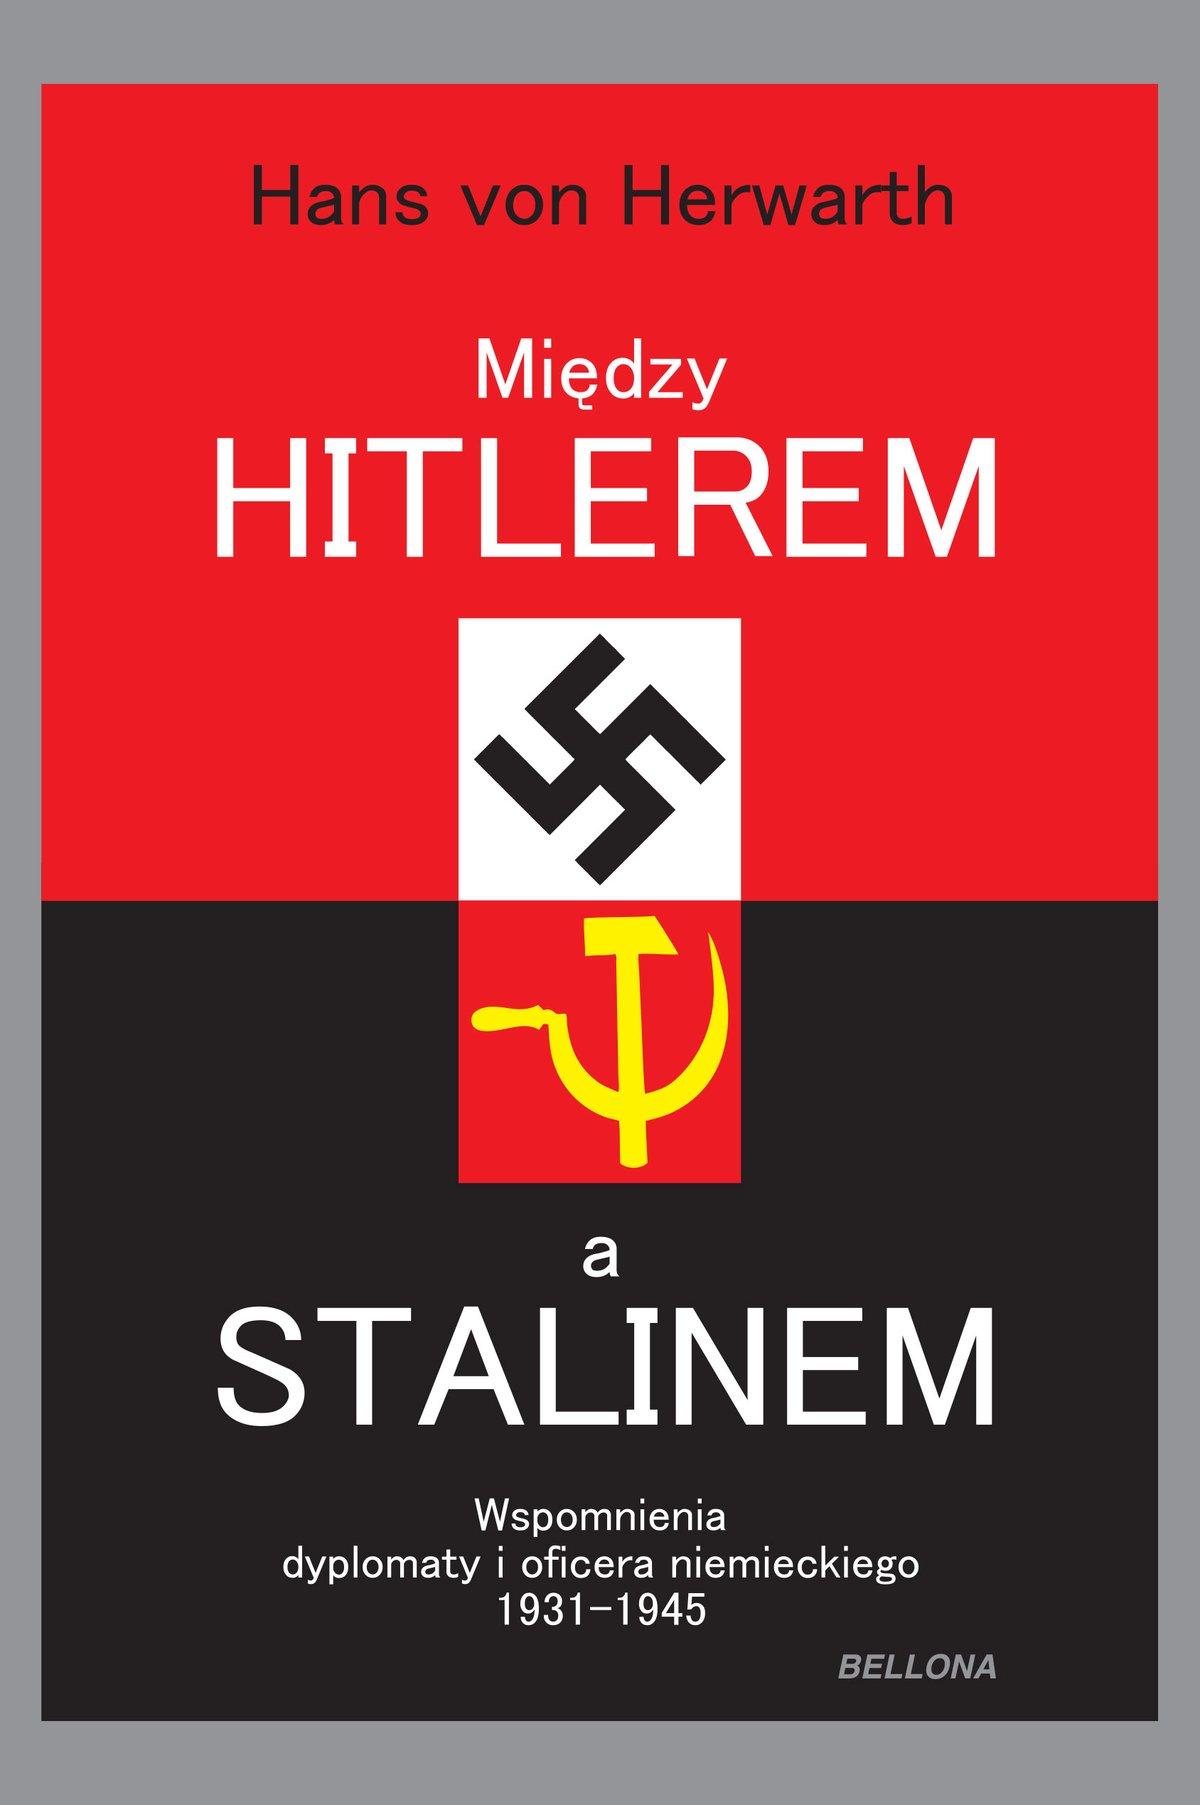 Między Hitlerem a Stalinem. Wspomnienia dyplomaty i oficera niemieckiego 1931-1945 - Ebook (Książka EPUB) do pobrania w formacie EPUB